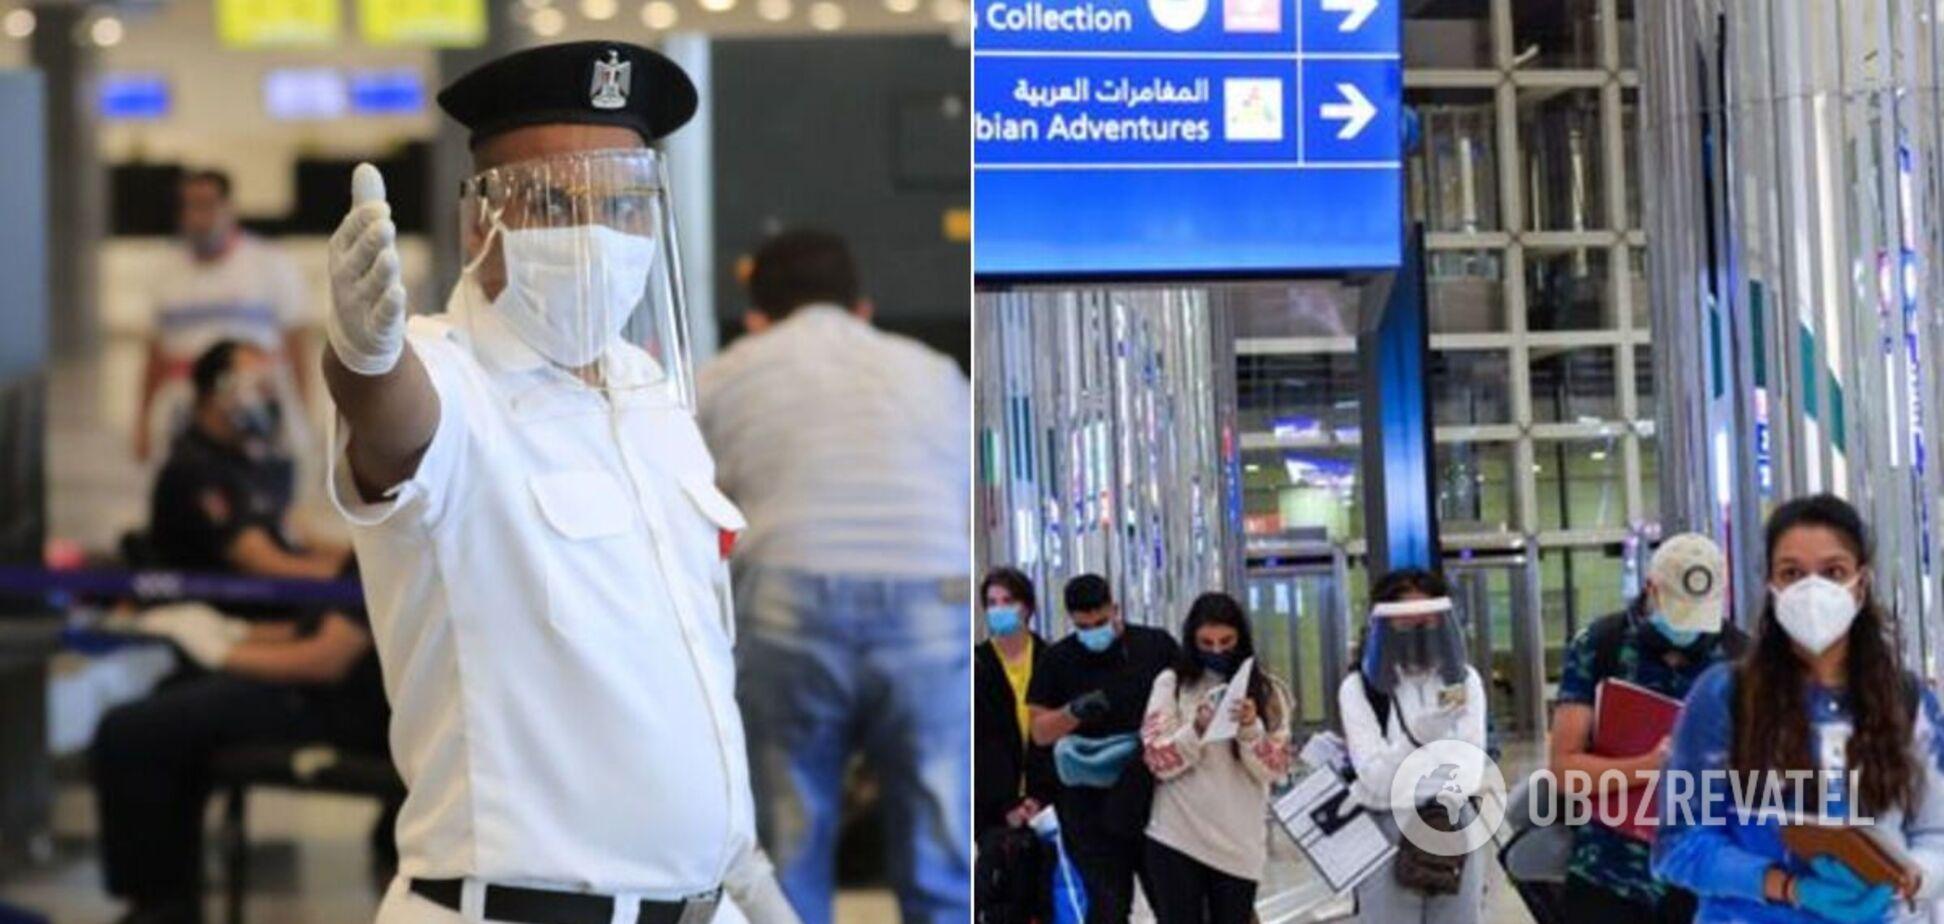 З 1 грудня в Єгипті посилюють вимоги до довідок про коронавірус: коментарі фахівців